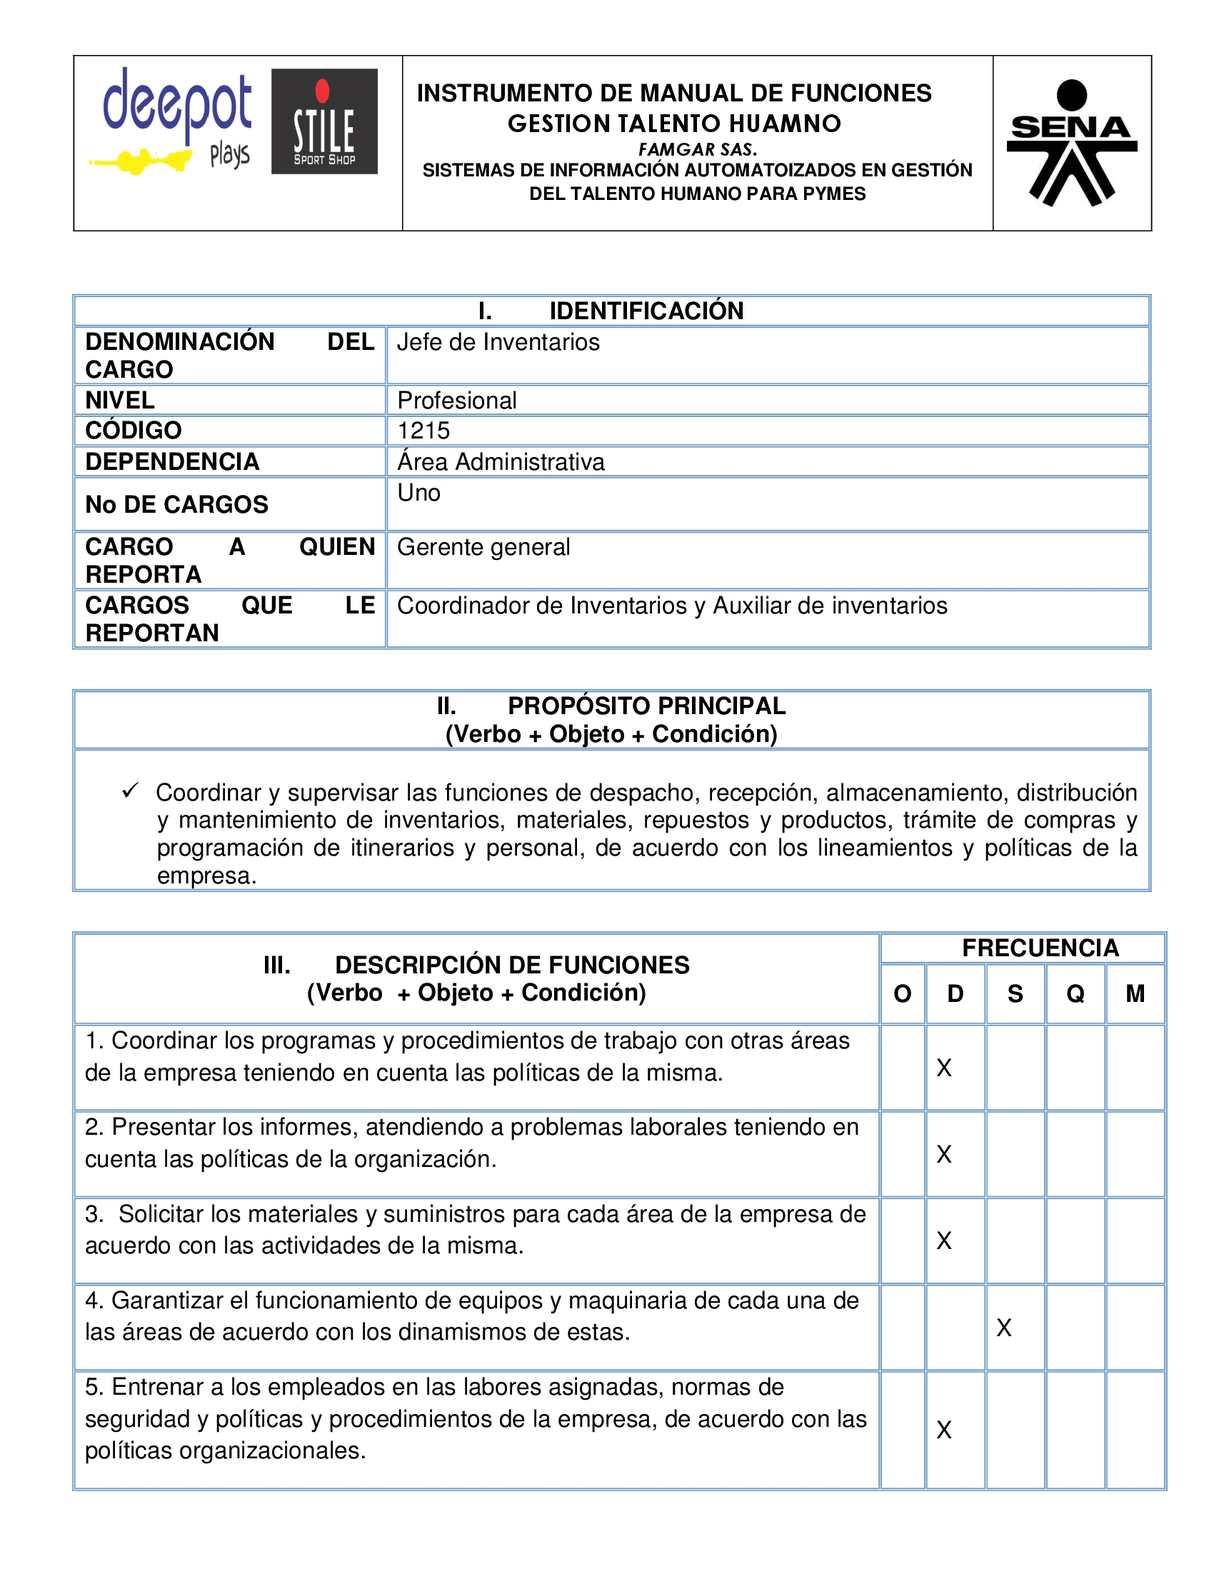 Calam o manual de funciones jefe de inventarios for Manual de procedimientos de alimentos y bebidas de un hotel